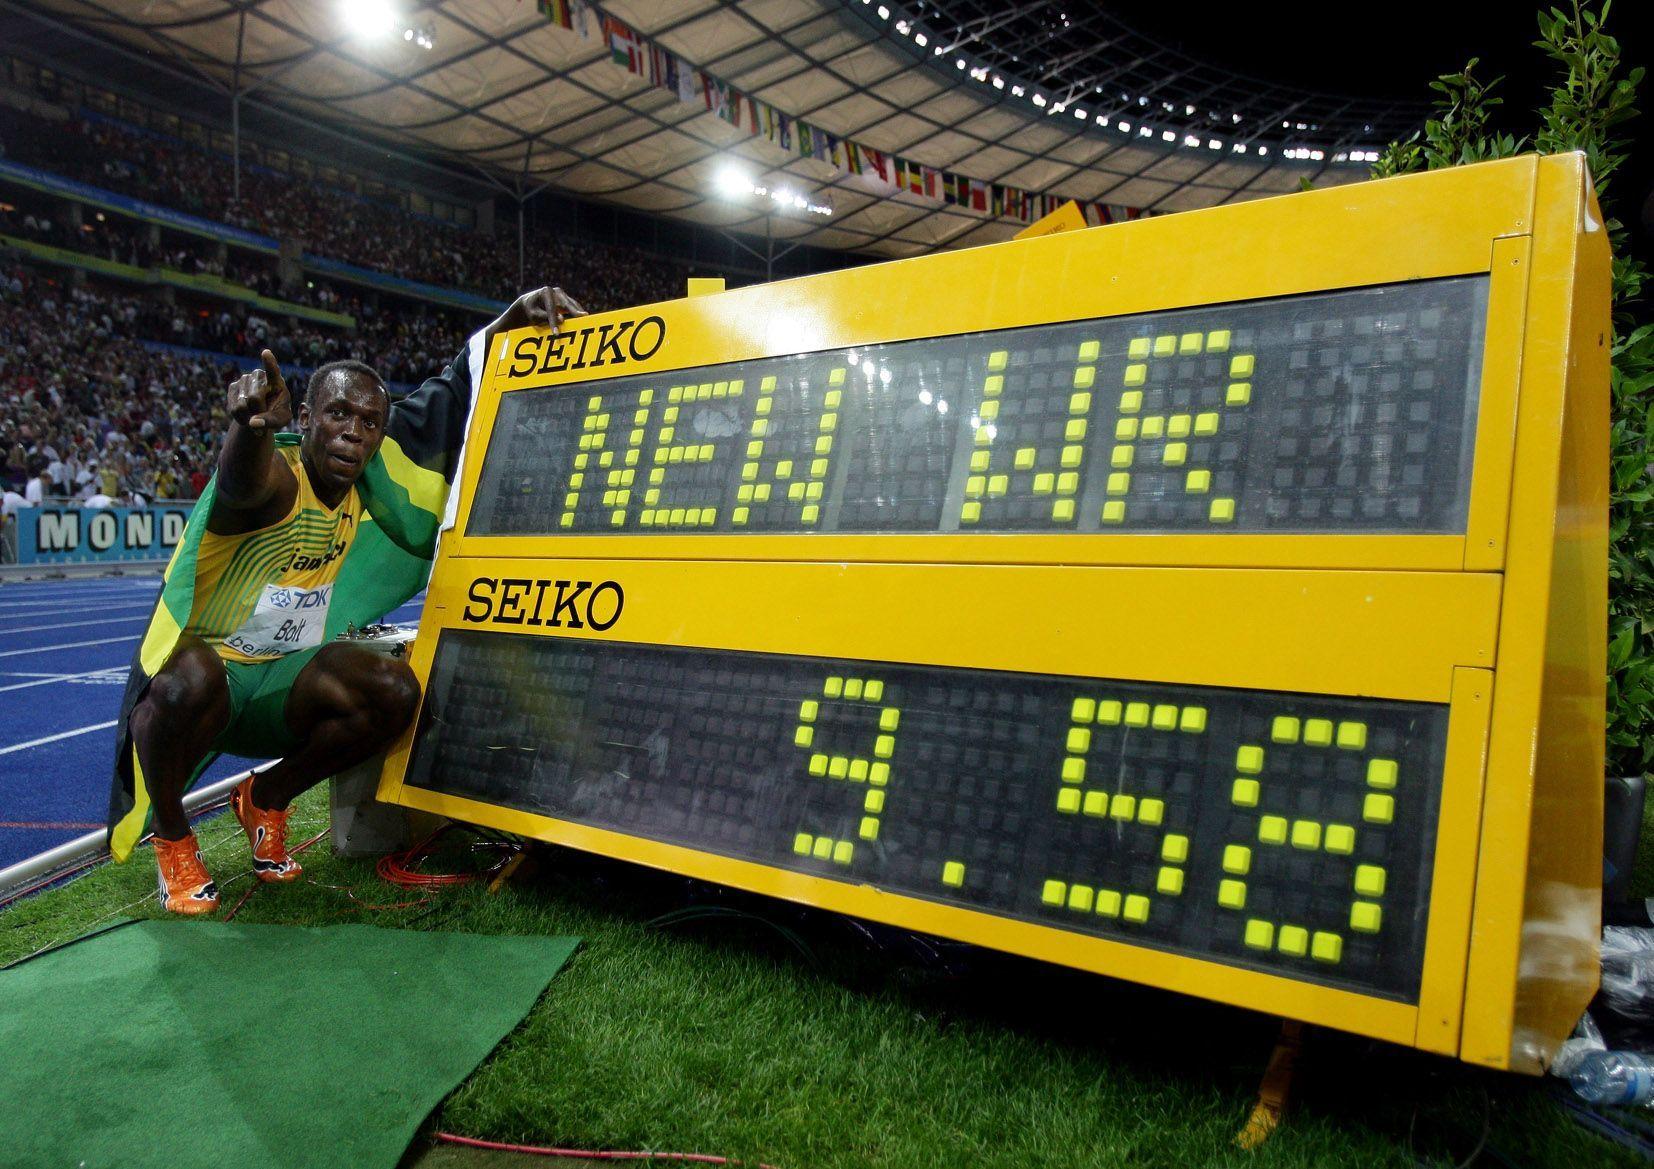 एथलेटिक्स में ओलंपिक रिकॉर्ड की सूची